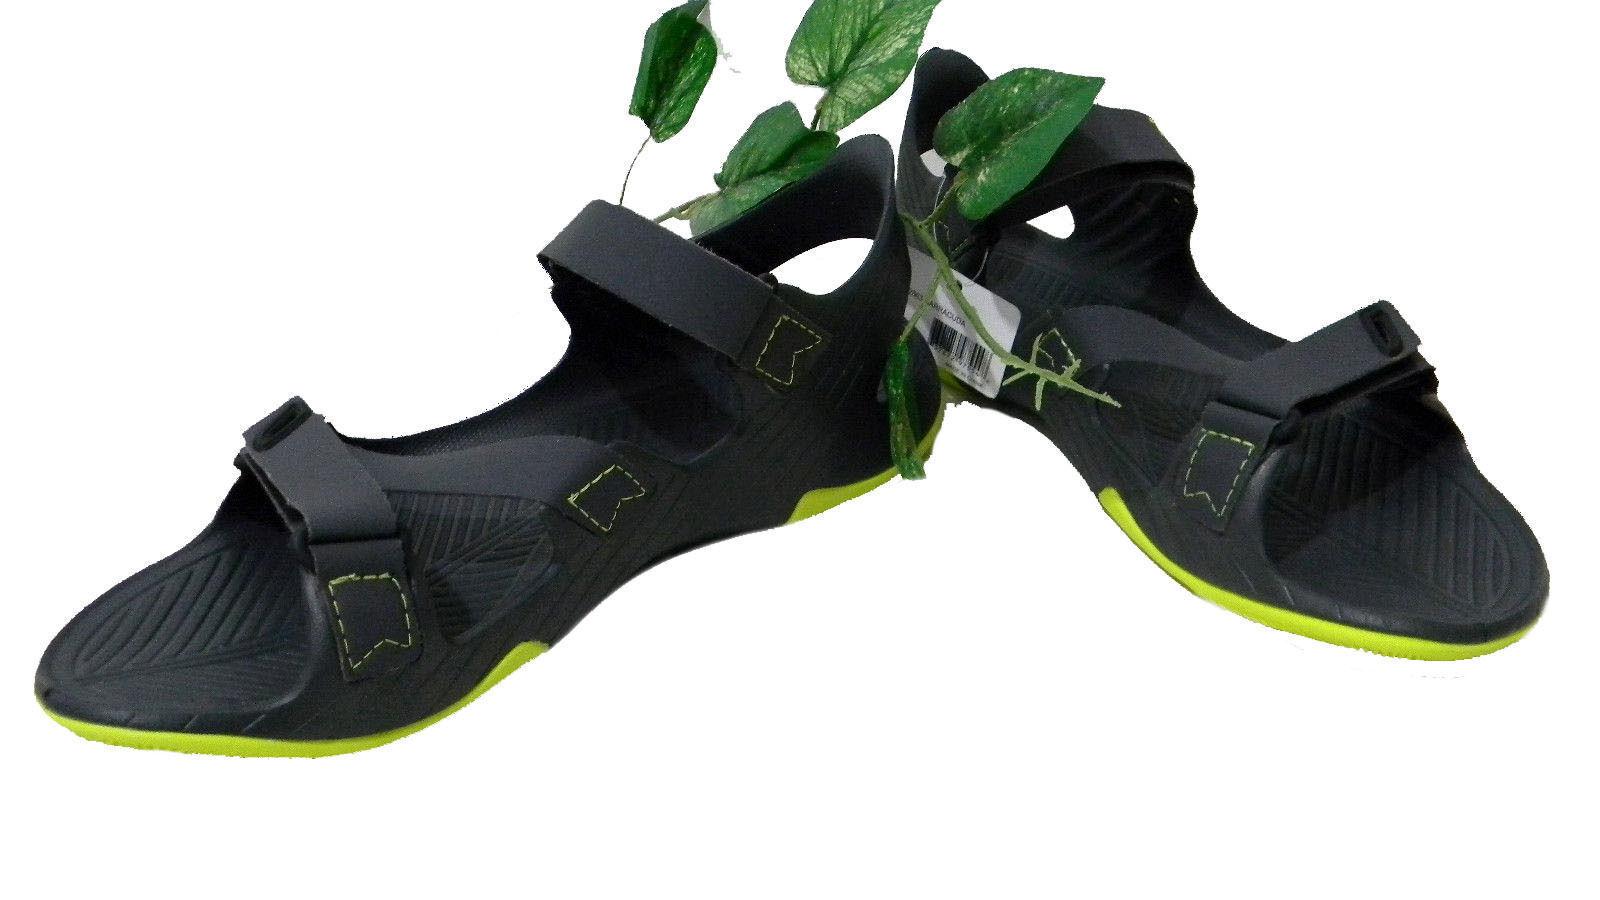 TEVA Hombre gris Oscuro Zapatos Sandalias Chanclas Amarillo correas de tamaño 12 Nuevo